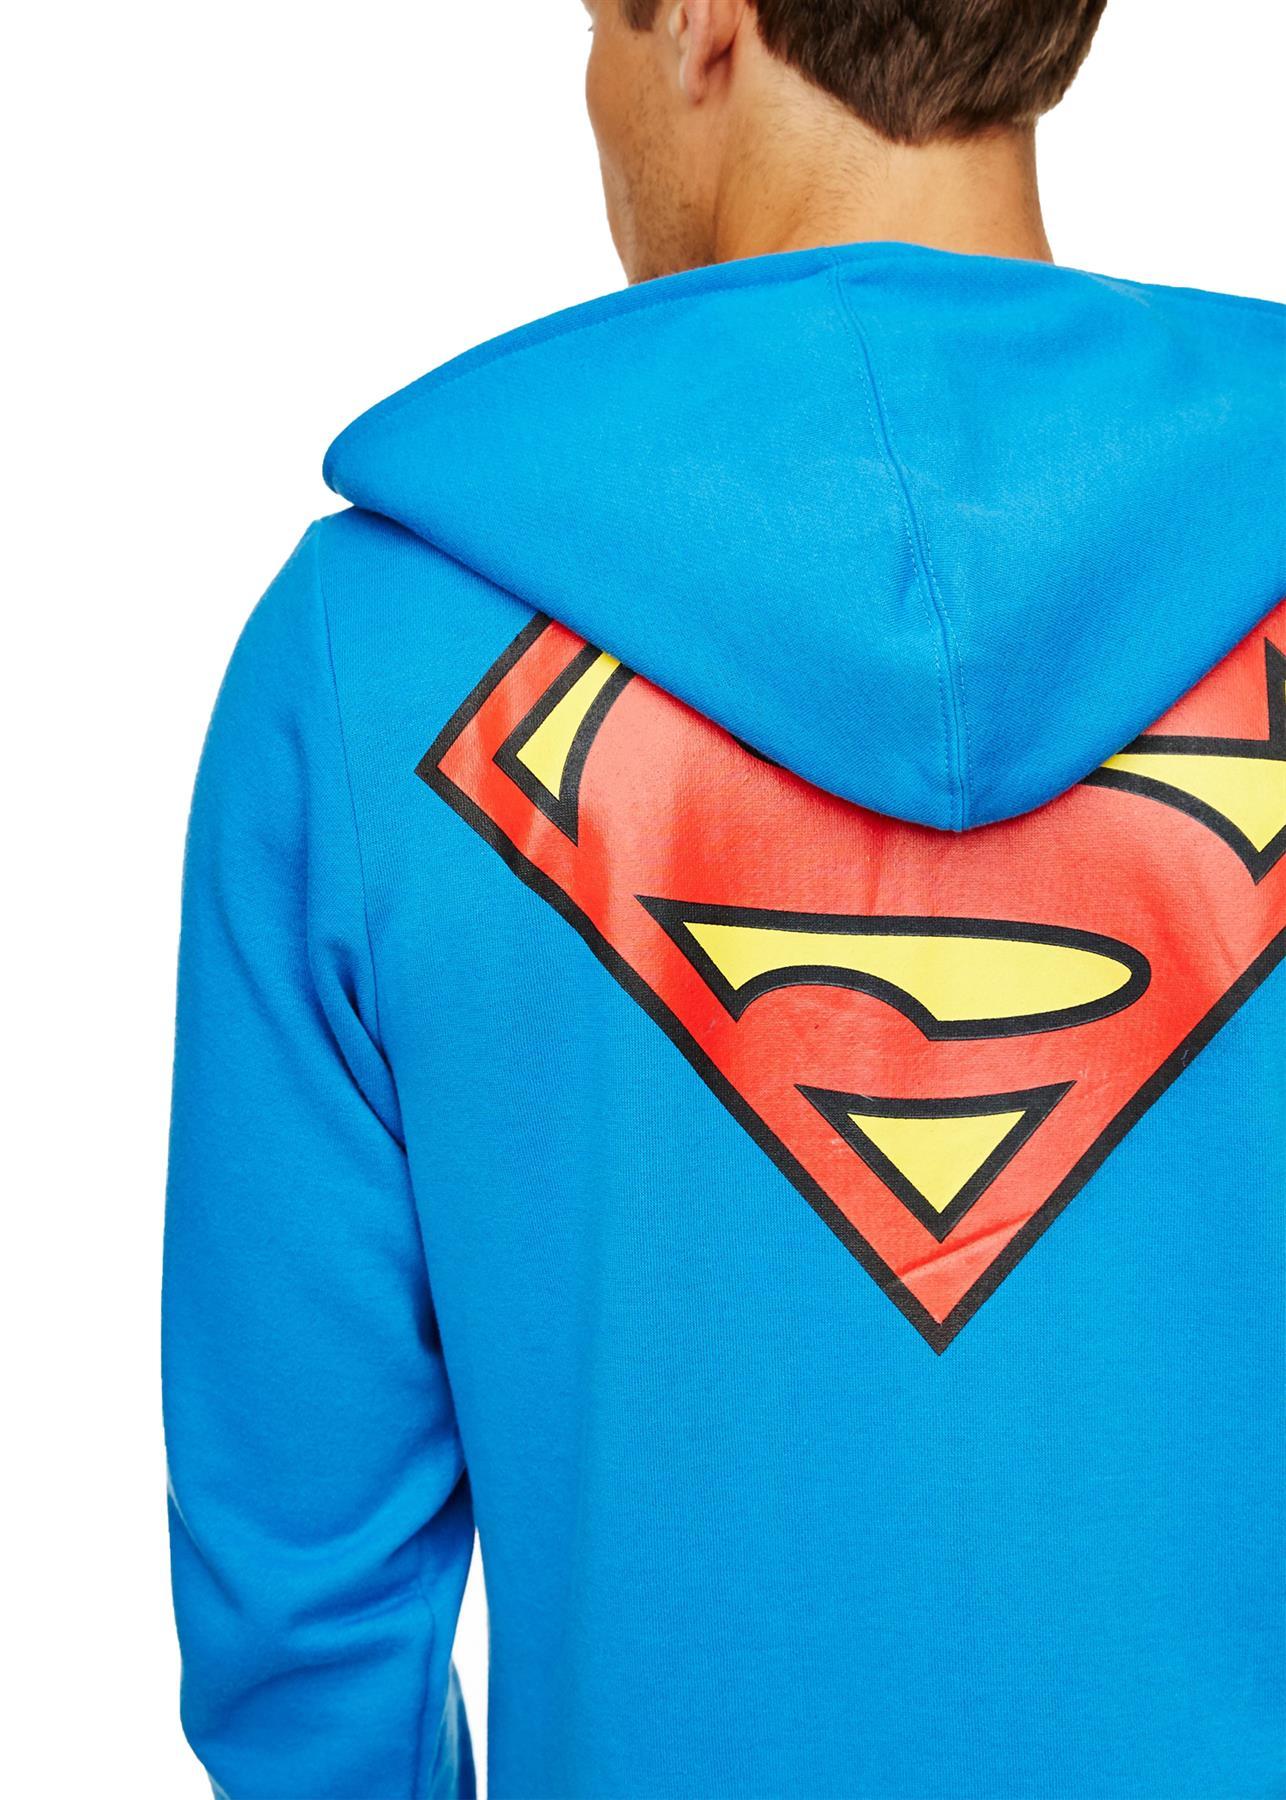 Homme-Deadpool-Superman-Darth-Vader-a-Capuche-Combinaison-Fermeture-Eclair-Tout-En-Un-1-Grenouillere miniature 10